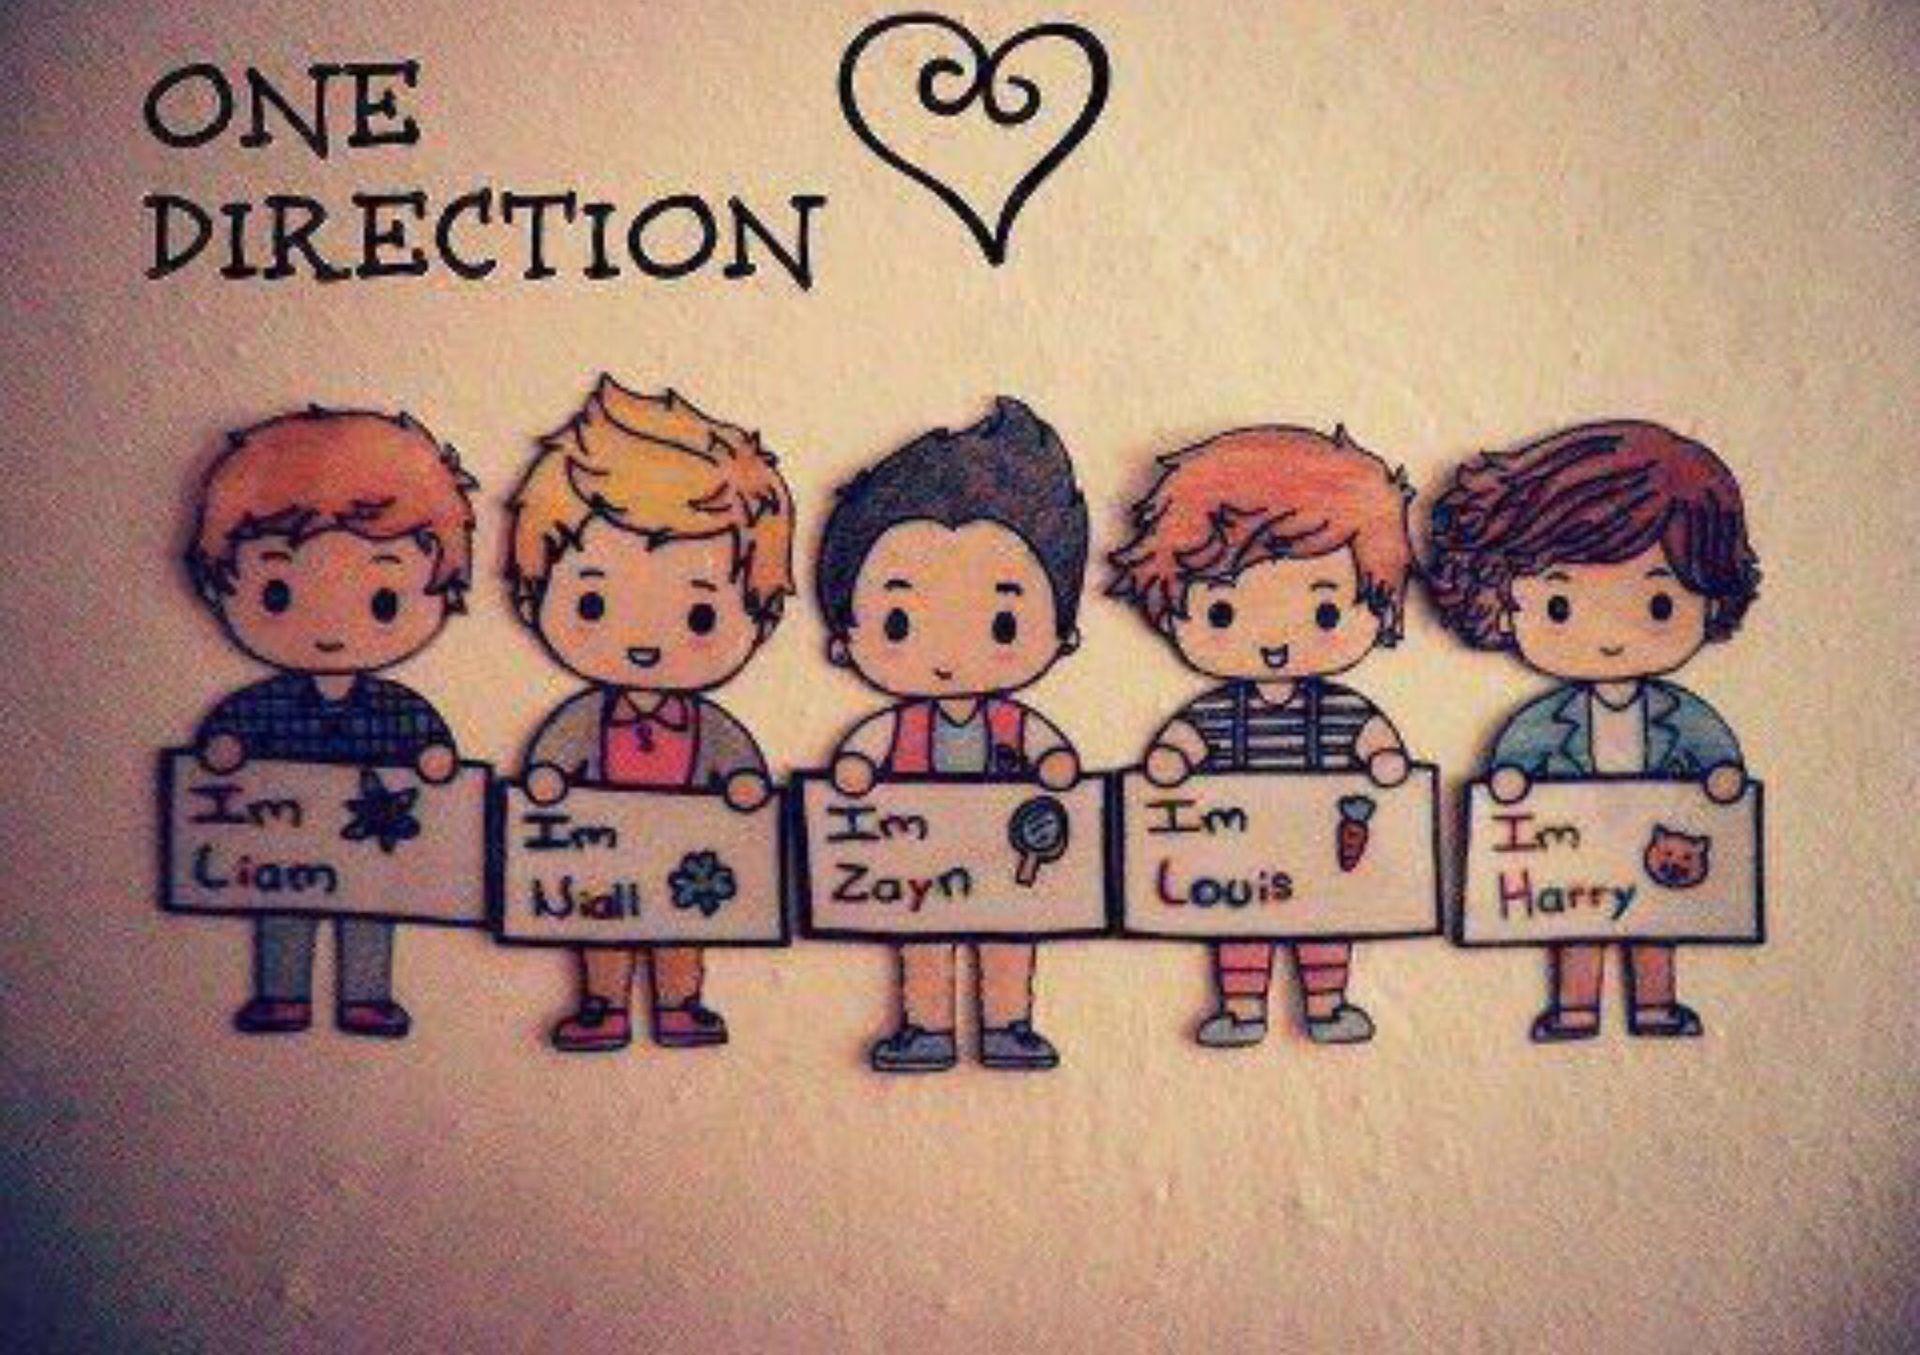 Pin Van Mel 12 Op O N E D I R E C T I O N One Direction Wallpaper Tekenen One Direction